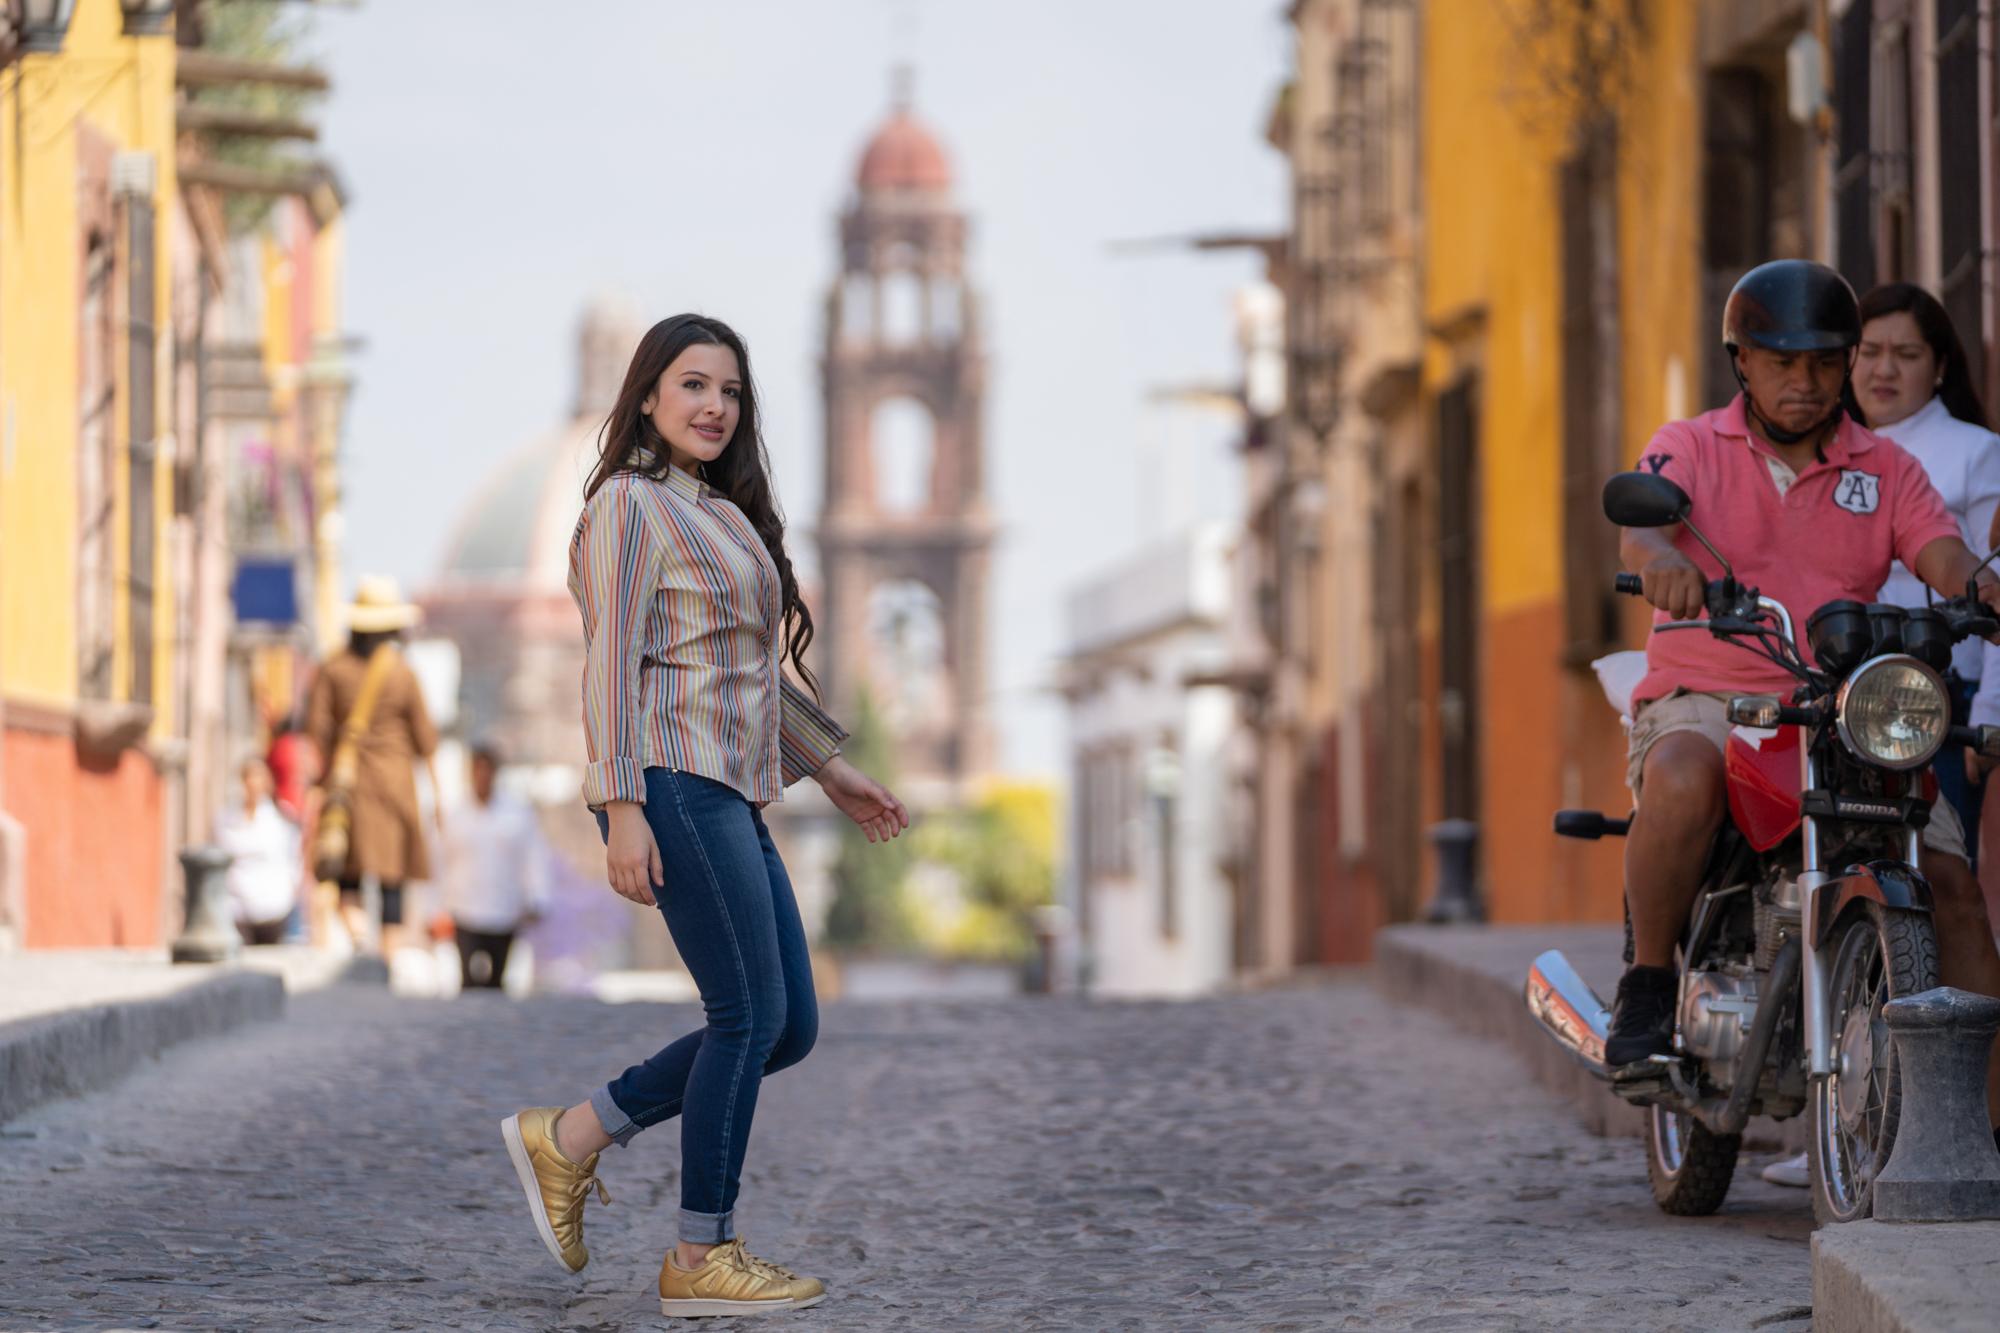 Sesion de Fotos en San Miguel de Allende con Rogelio y su Fmailia-35.jpg